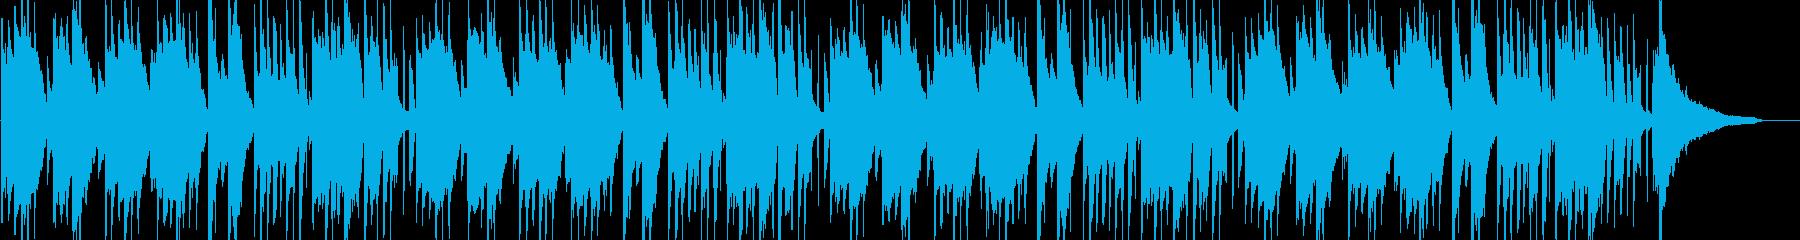 子守唄的な、落ち着くループ曲の再生済みの波形